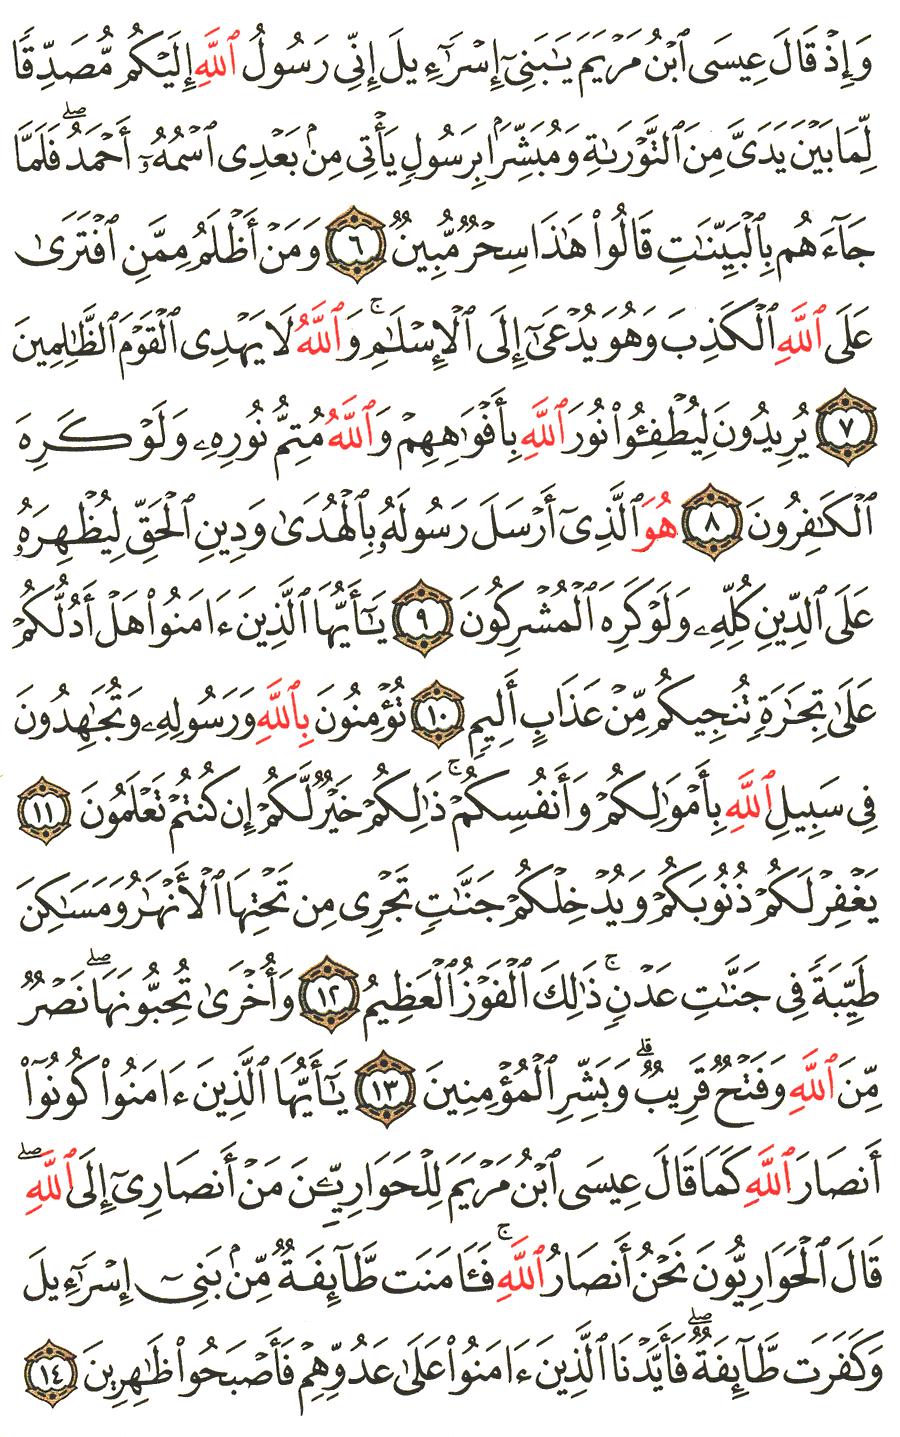 الصفحة رقم 552 من القرآن الكريم مكتوبة من المصحف